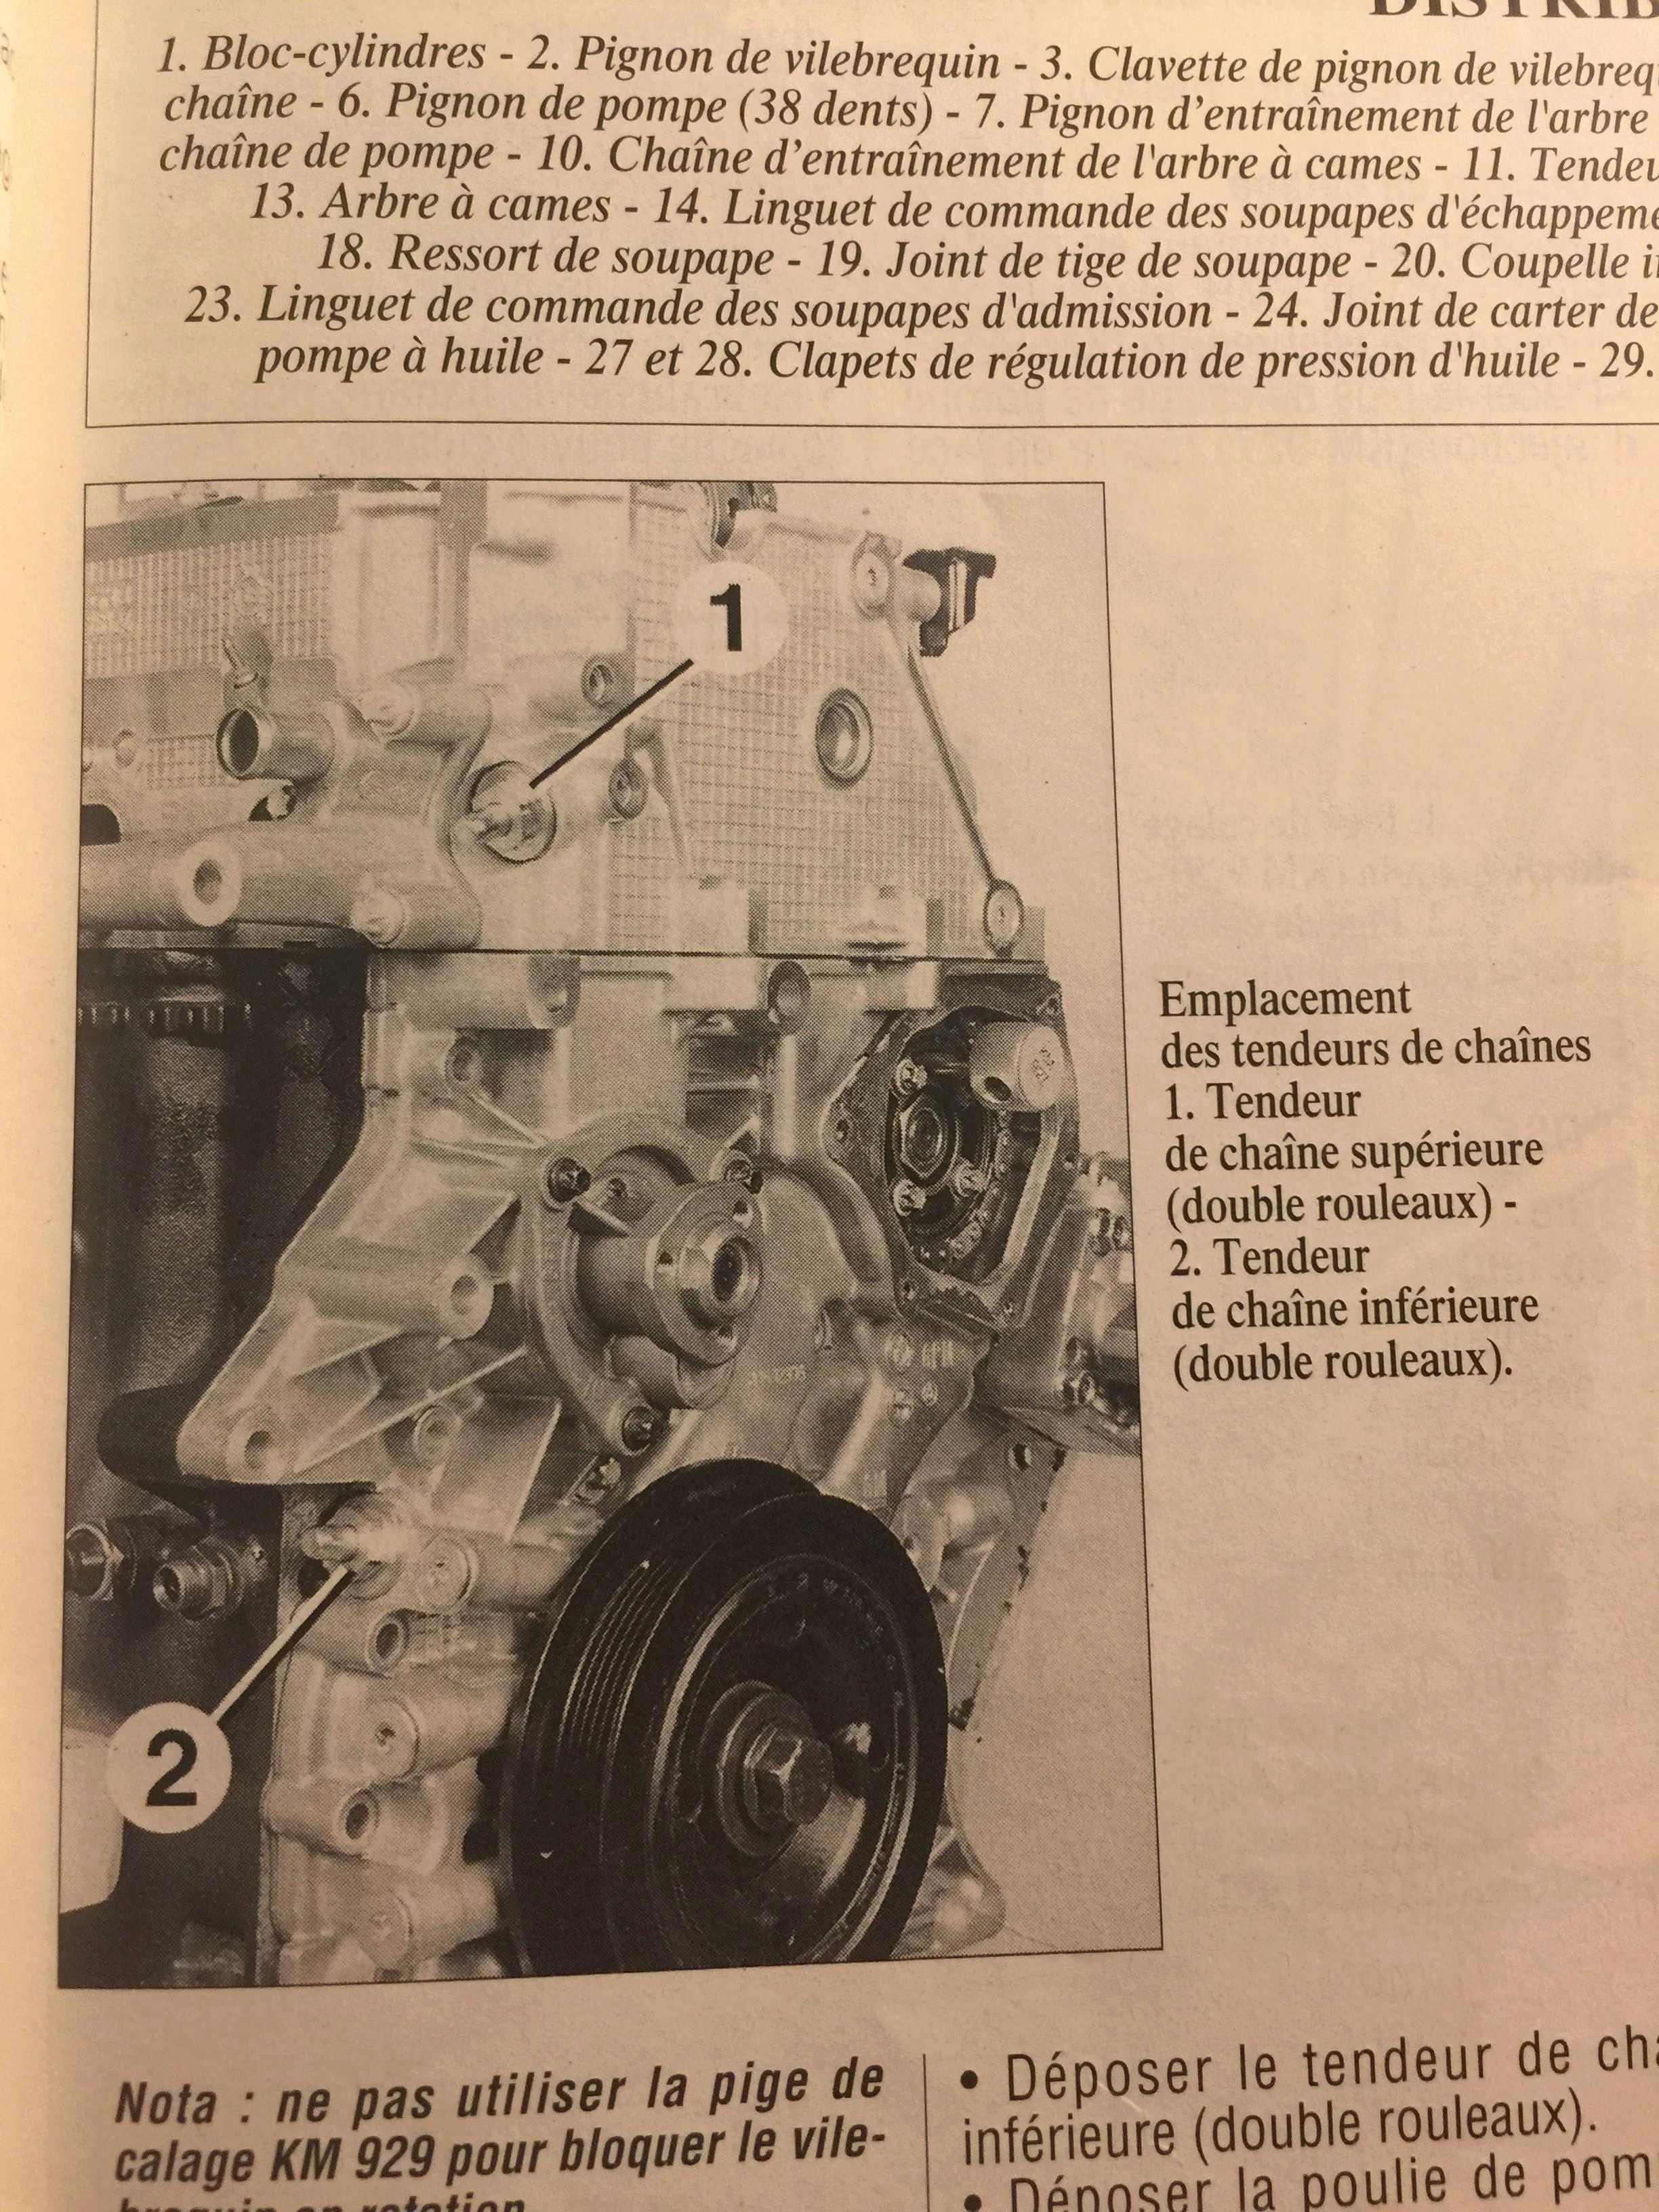 coup de clé le démarreur ne se lance pas - Page 12 Tendeu12